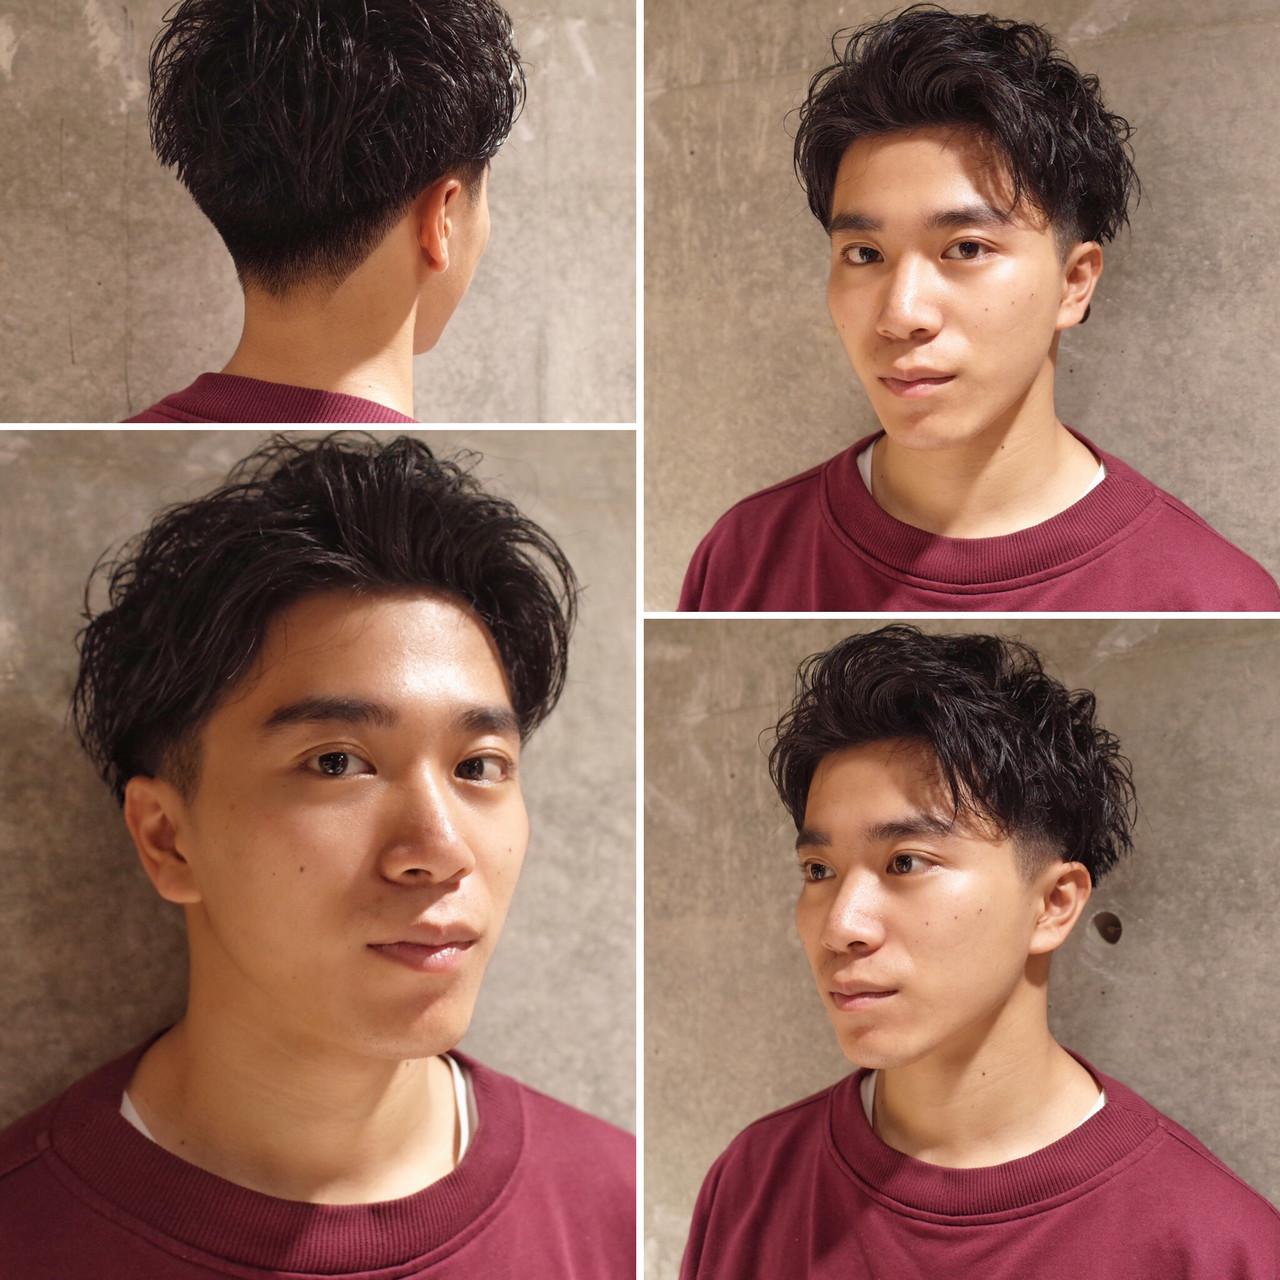 刈り上げ ストリート メンズヘア メンズ ヘアスタイルや髪型の写真・画像 | 刈り上げ・2ブロック専門美容師 ヤマモトカズヒコ / MEN'S GROOMING SALON AOYAMA by kakimoto arms